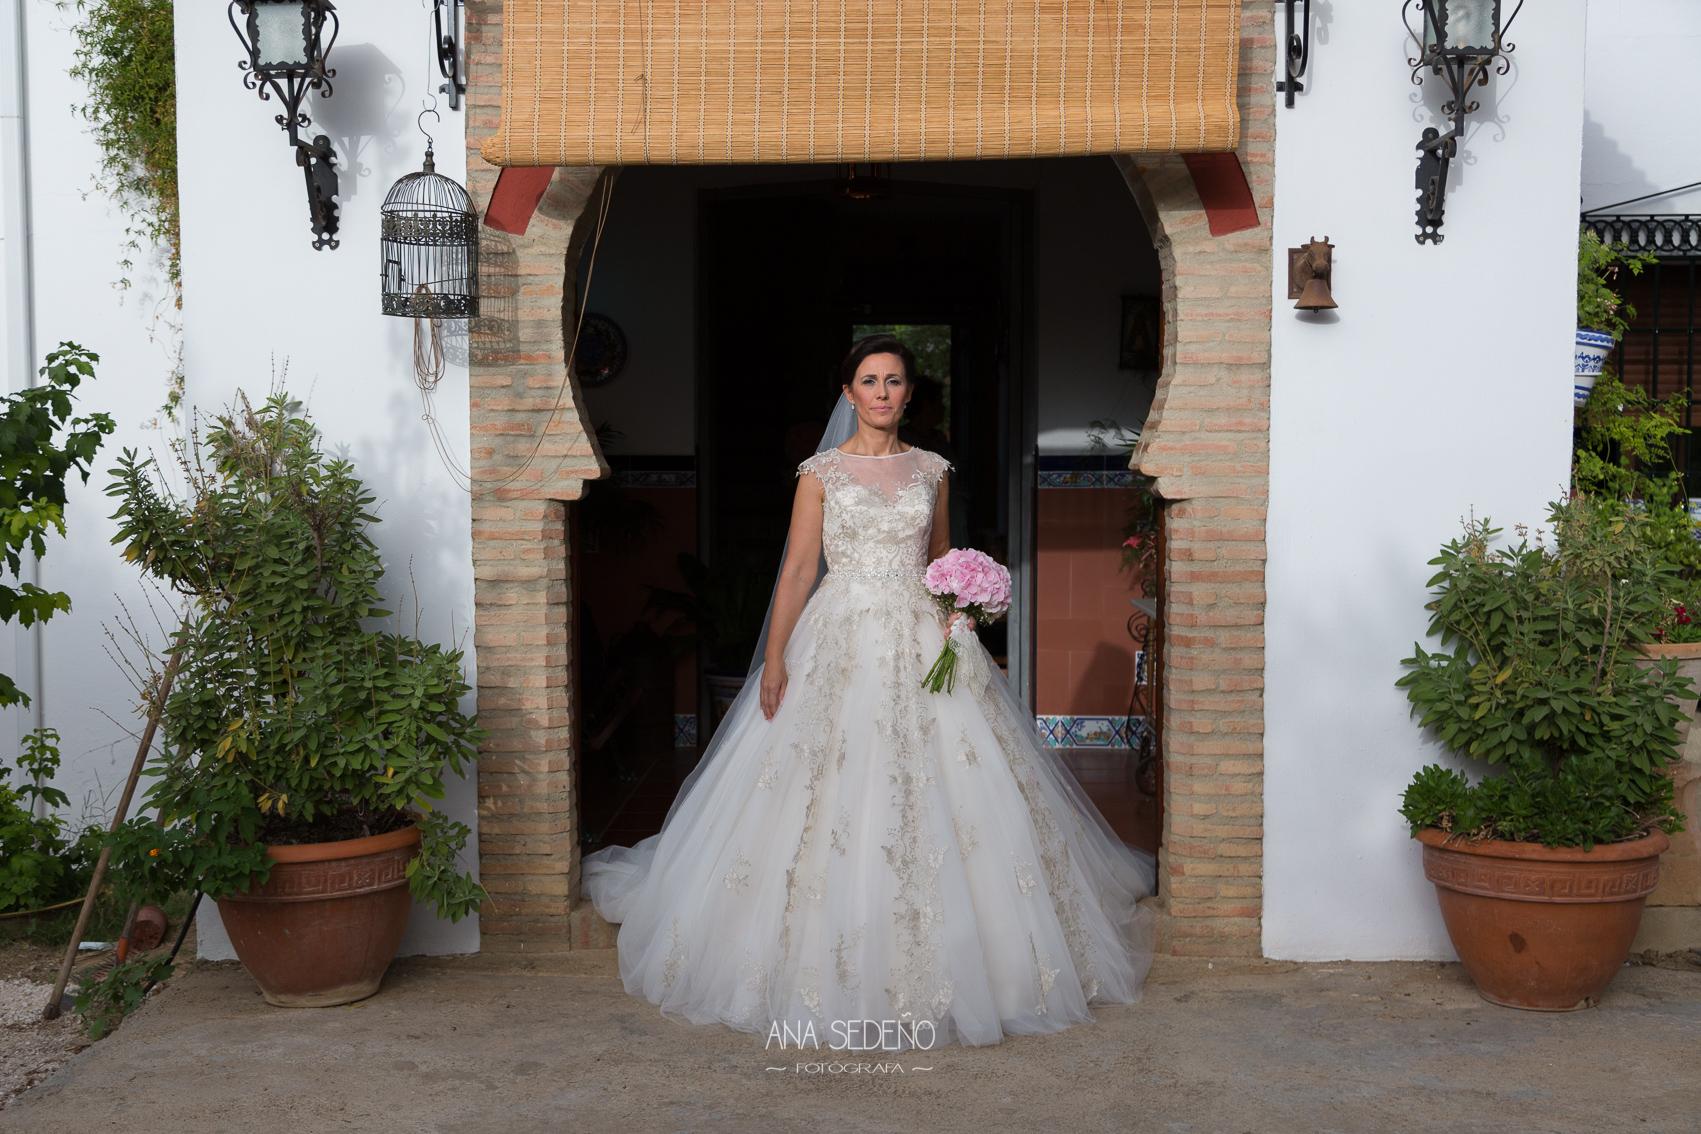 Ana Sedeño Fotografa.-Boda-0404